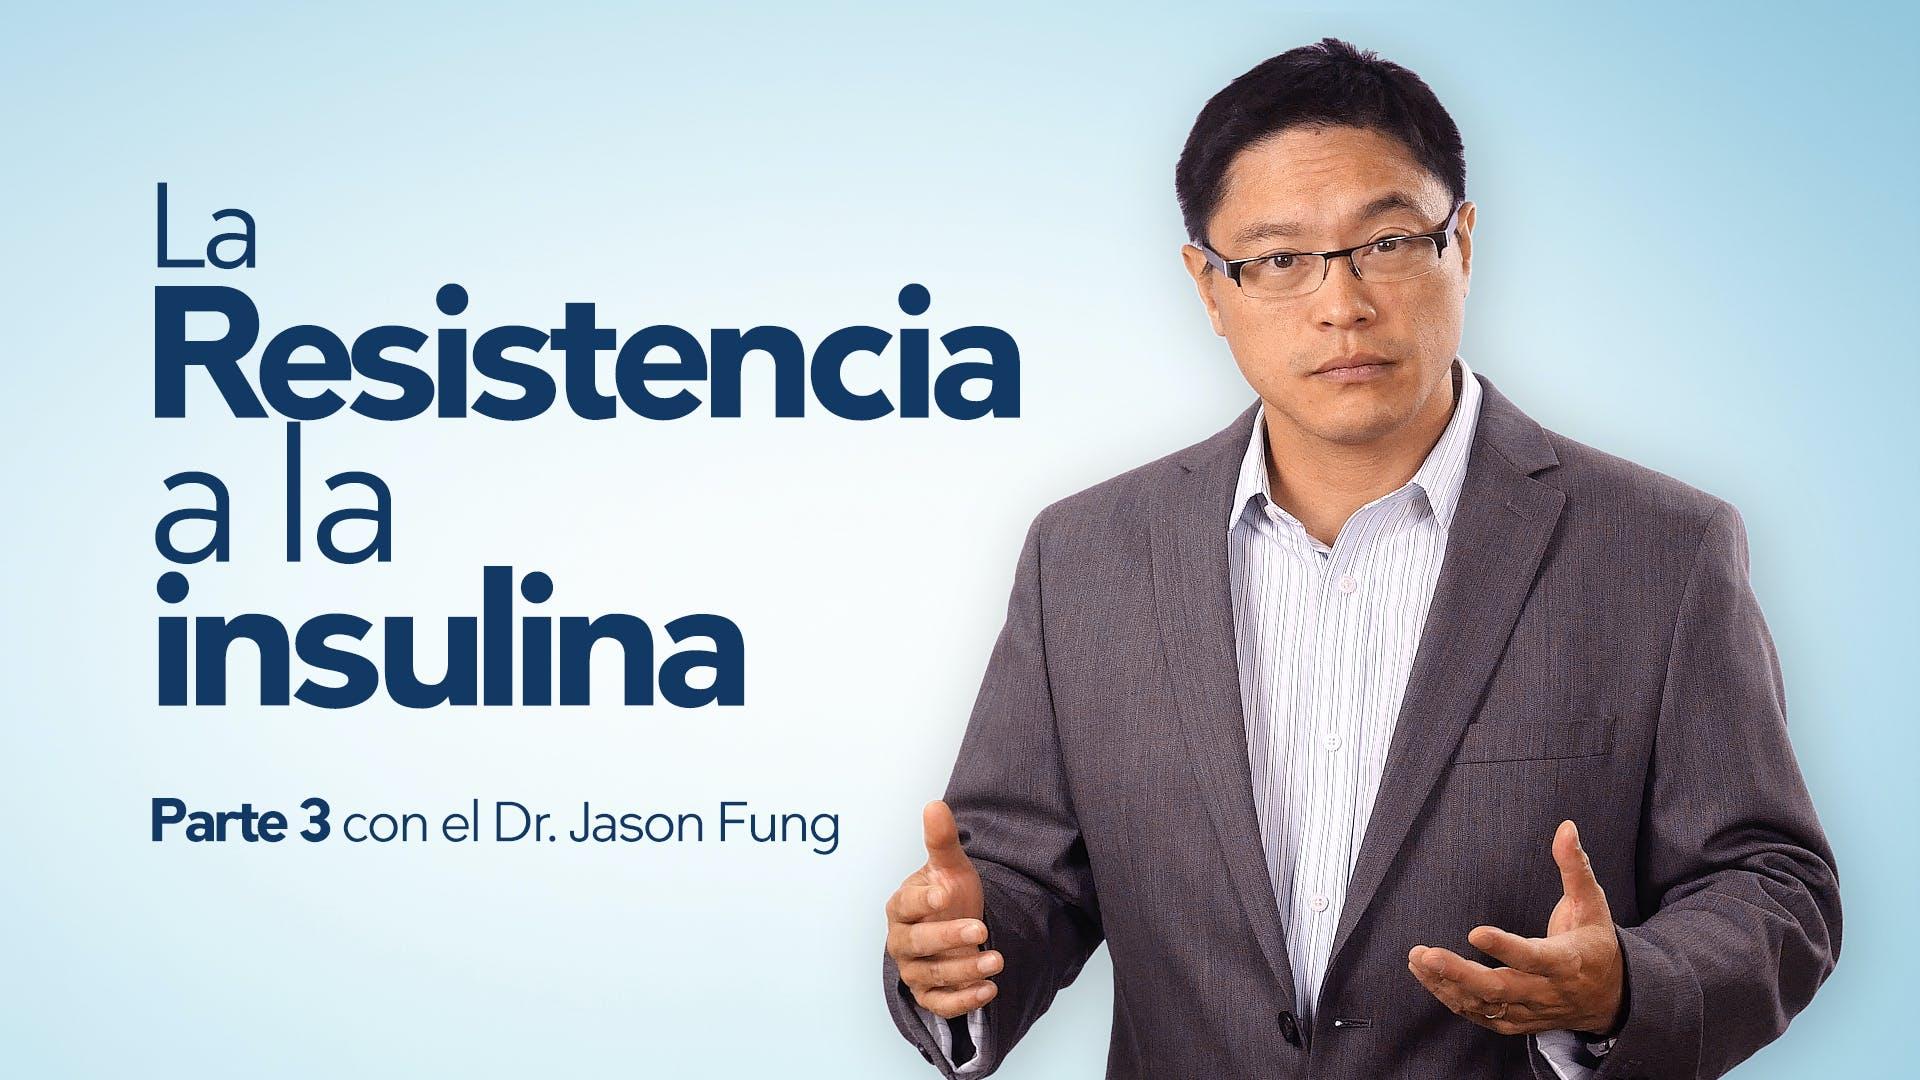 Una enfermedad de resistencia a la insulina